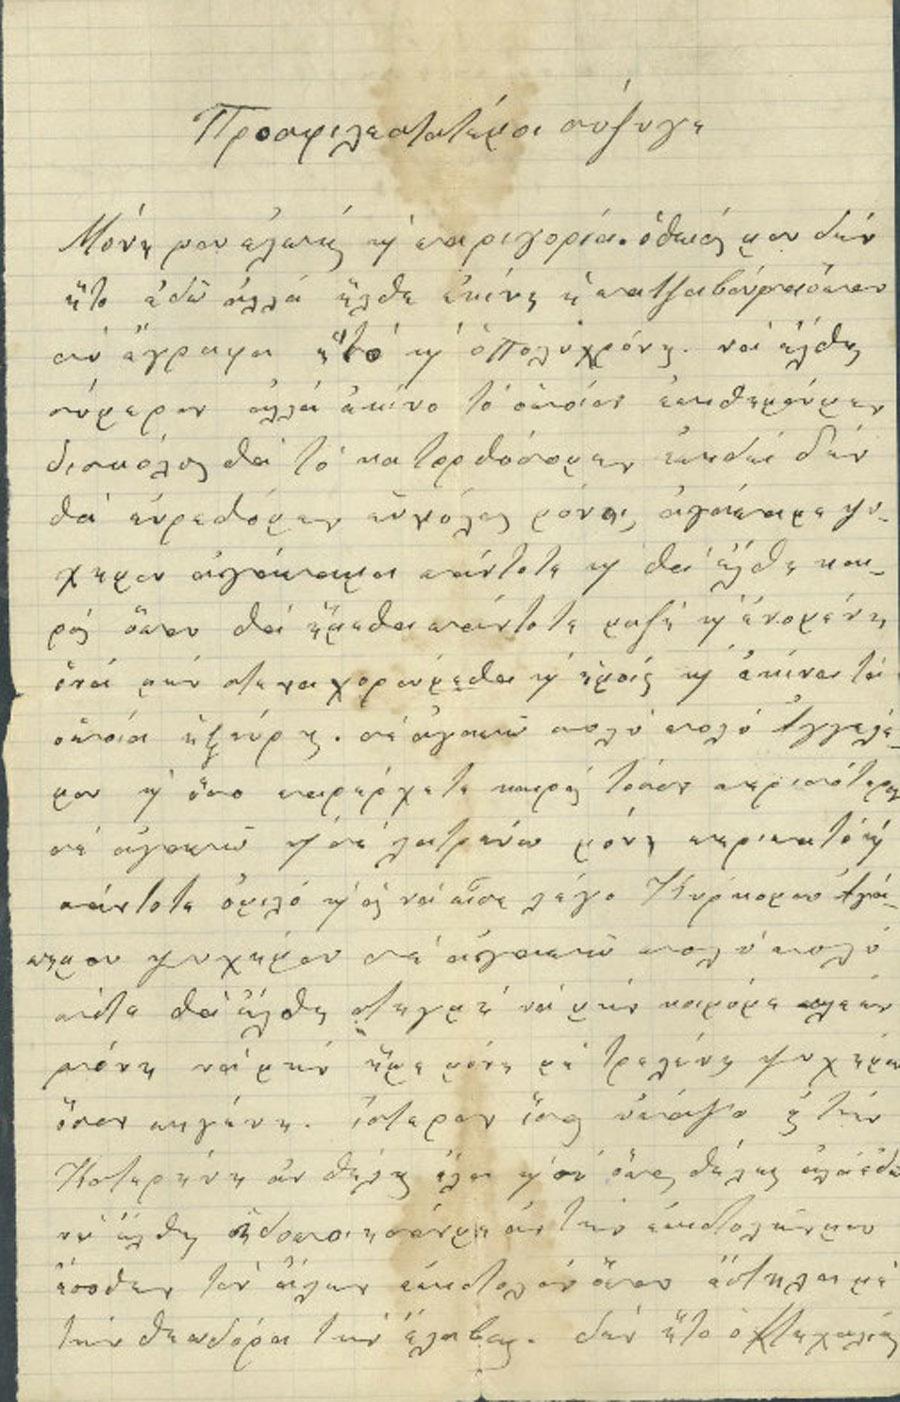 Επιστολές Μαργιώγκας - Κύρκου 16